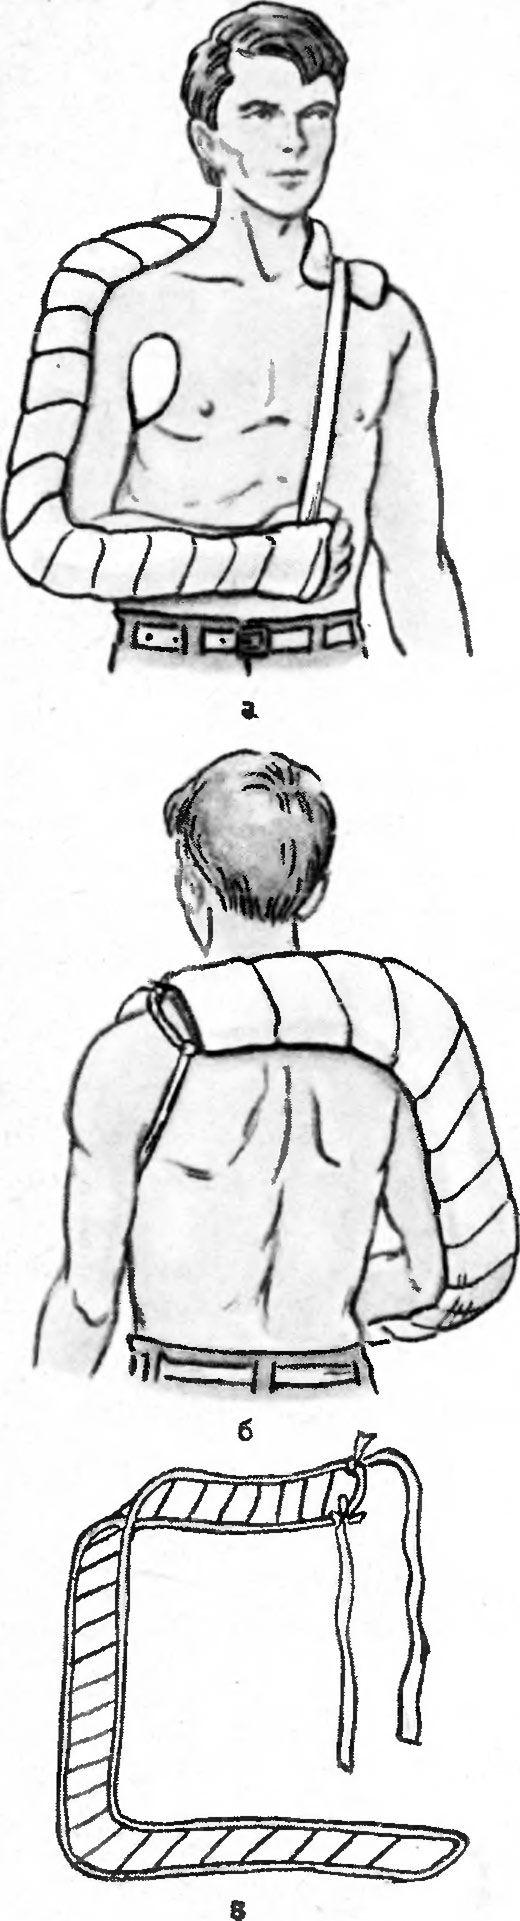 Іммобілізація перелому плеча шиною Крамера